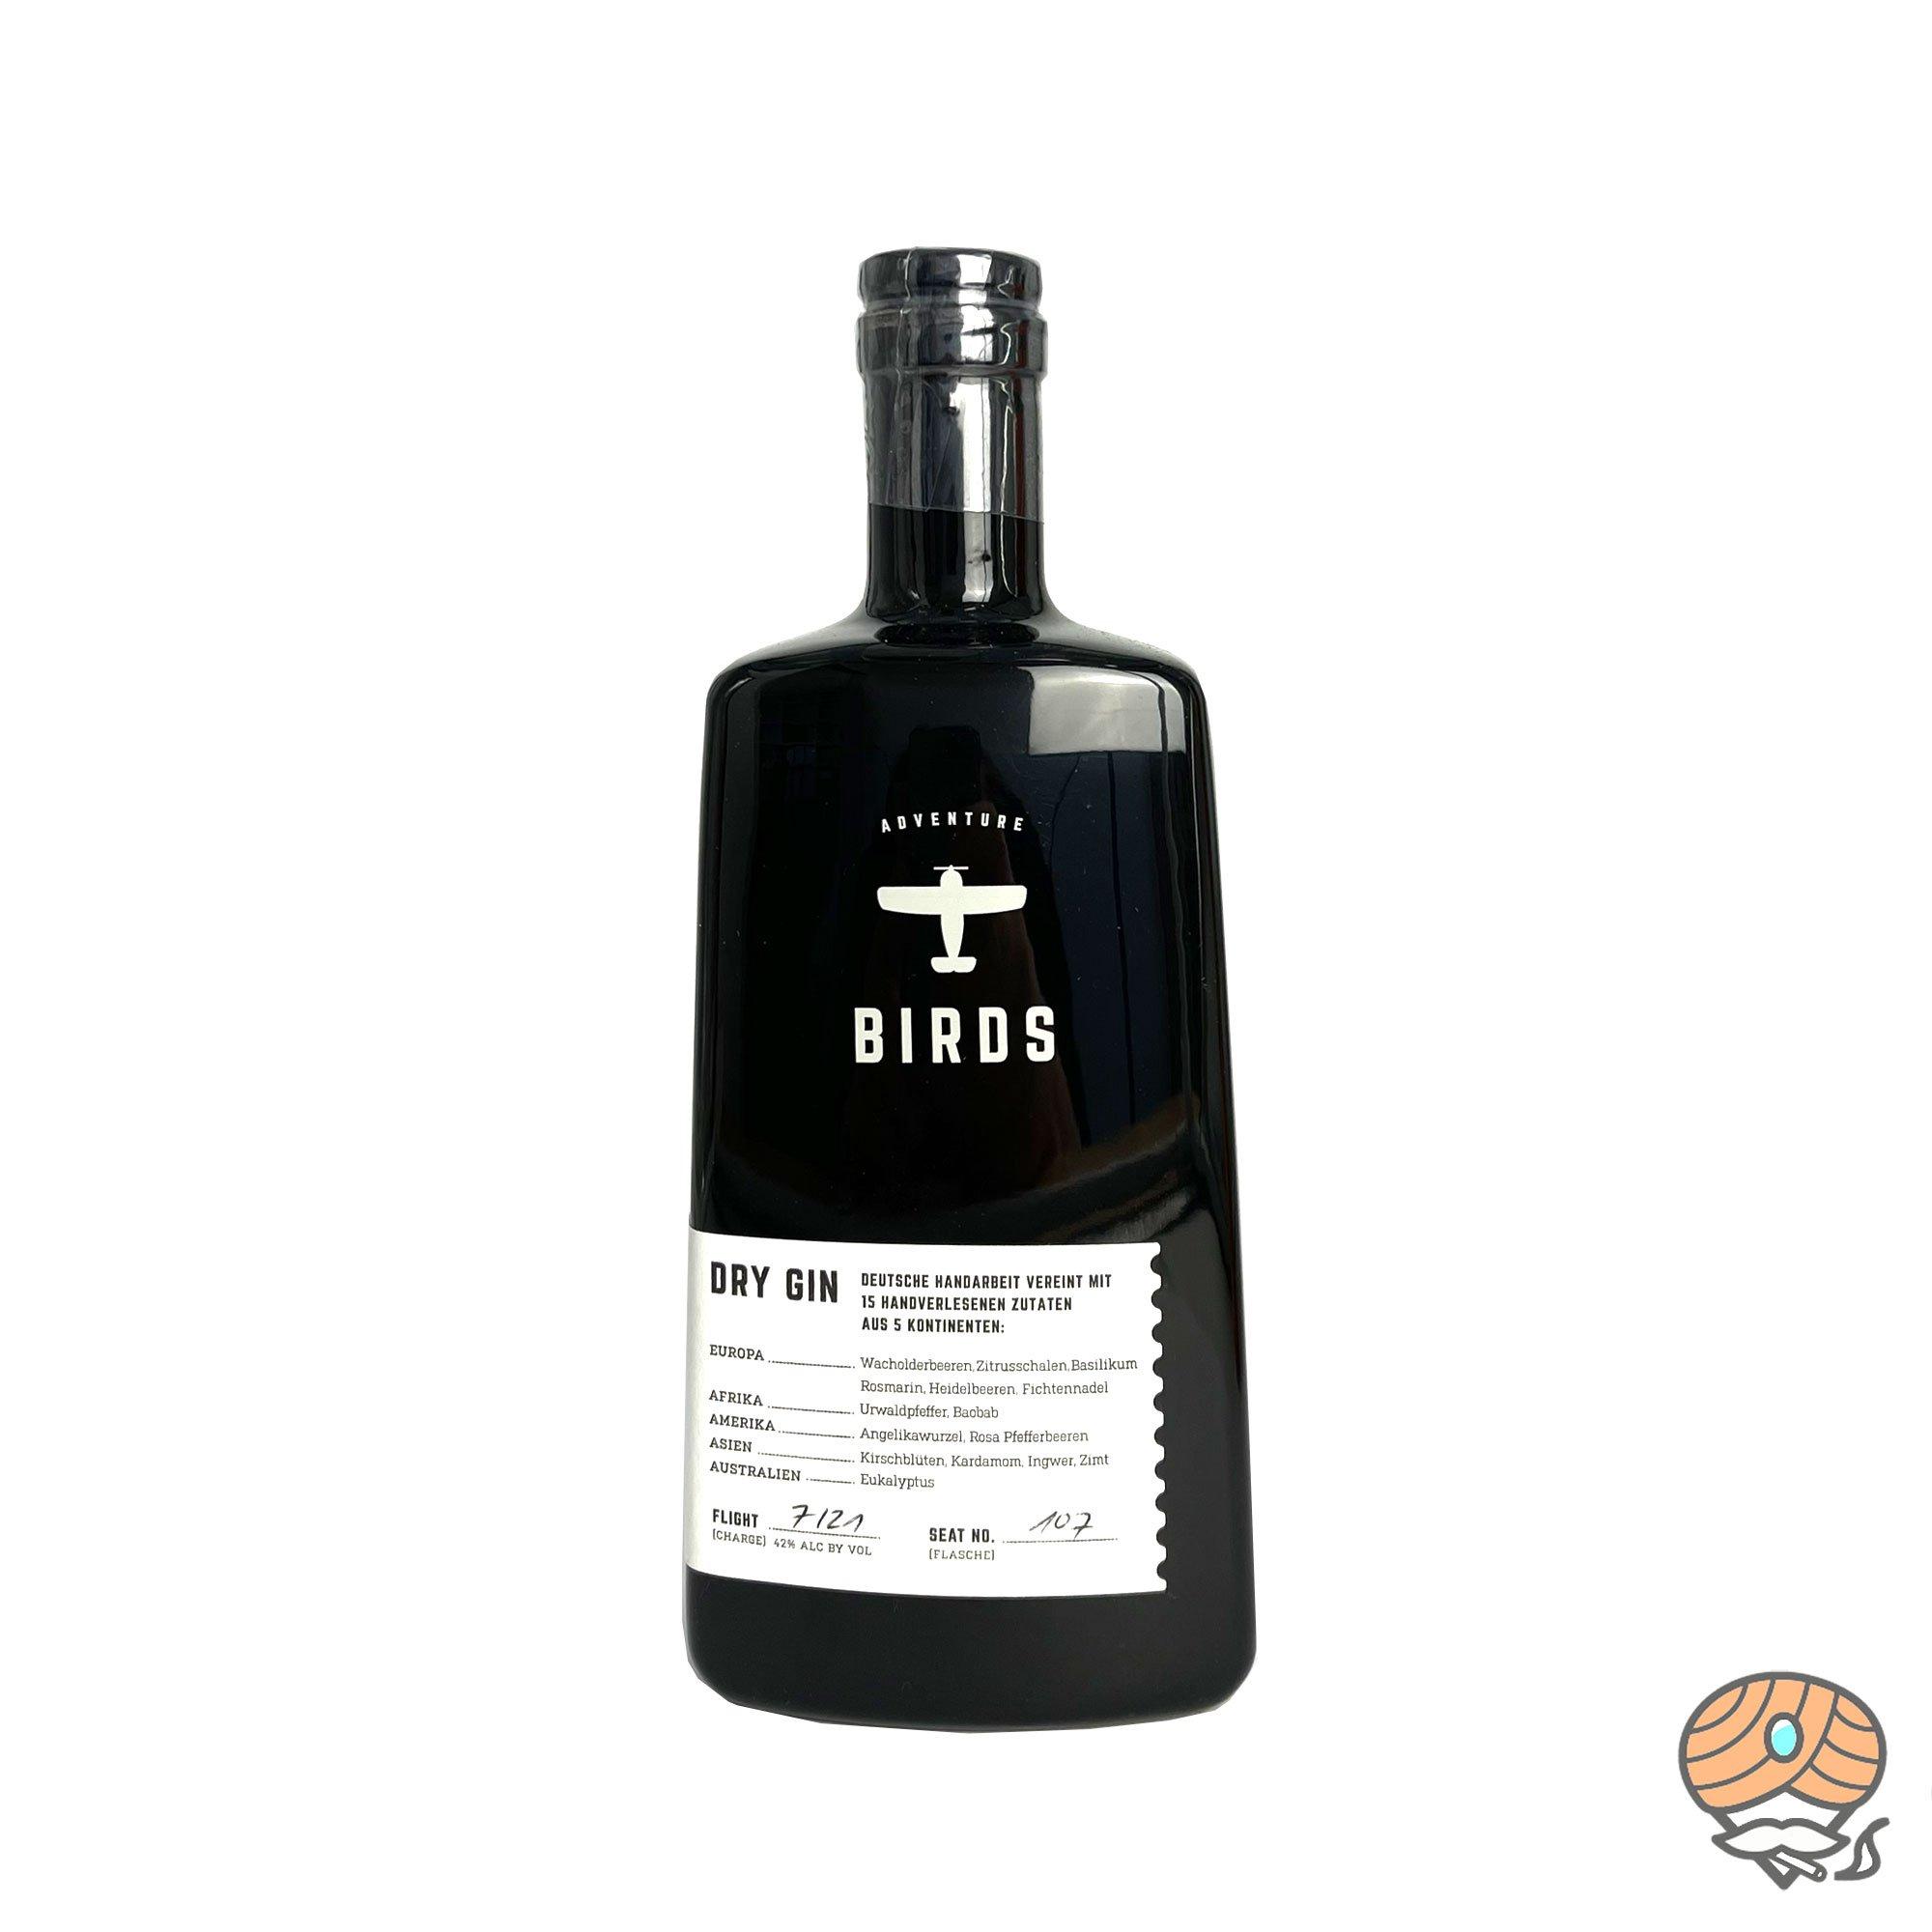 Bird Dry Gin 0,5l, alc. 42 Vol.-% mit handverlesenen Zutaten